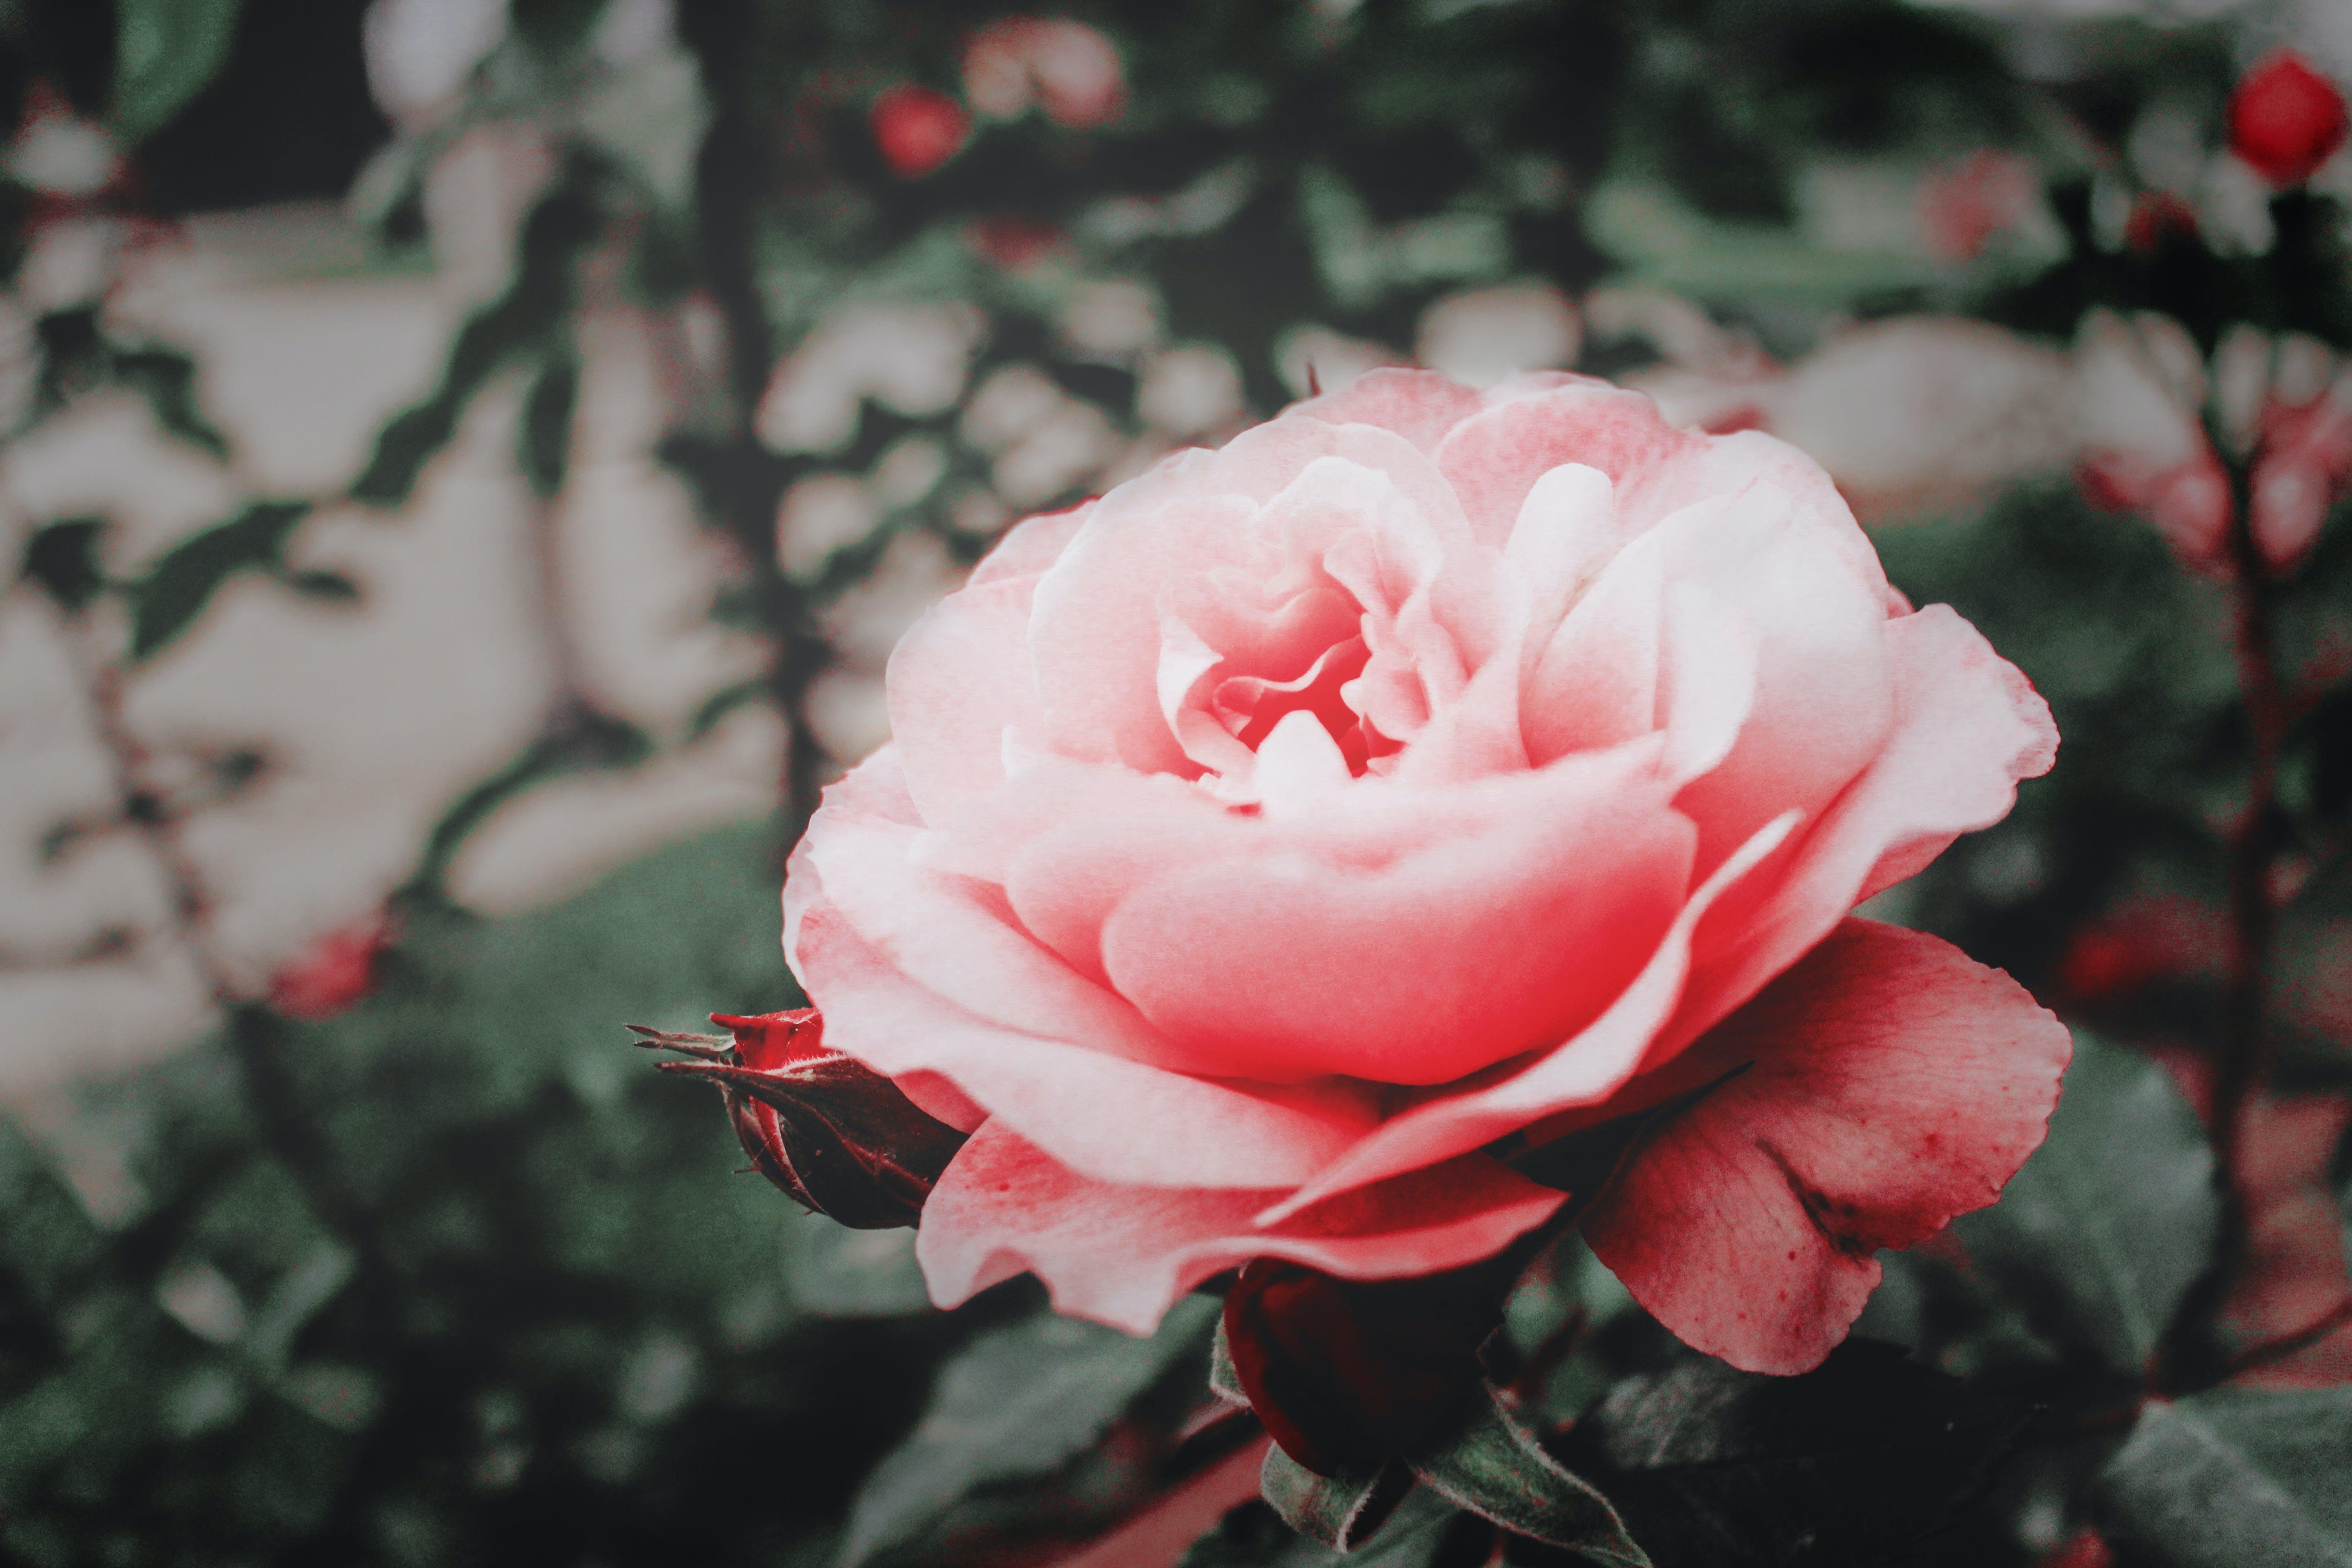 꽃잎, 매크로, 빨간, 식물의 무료 스톡 사진